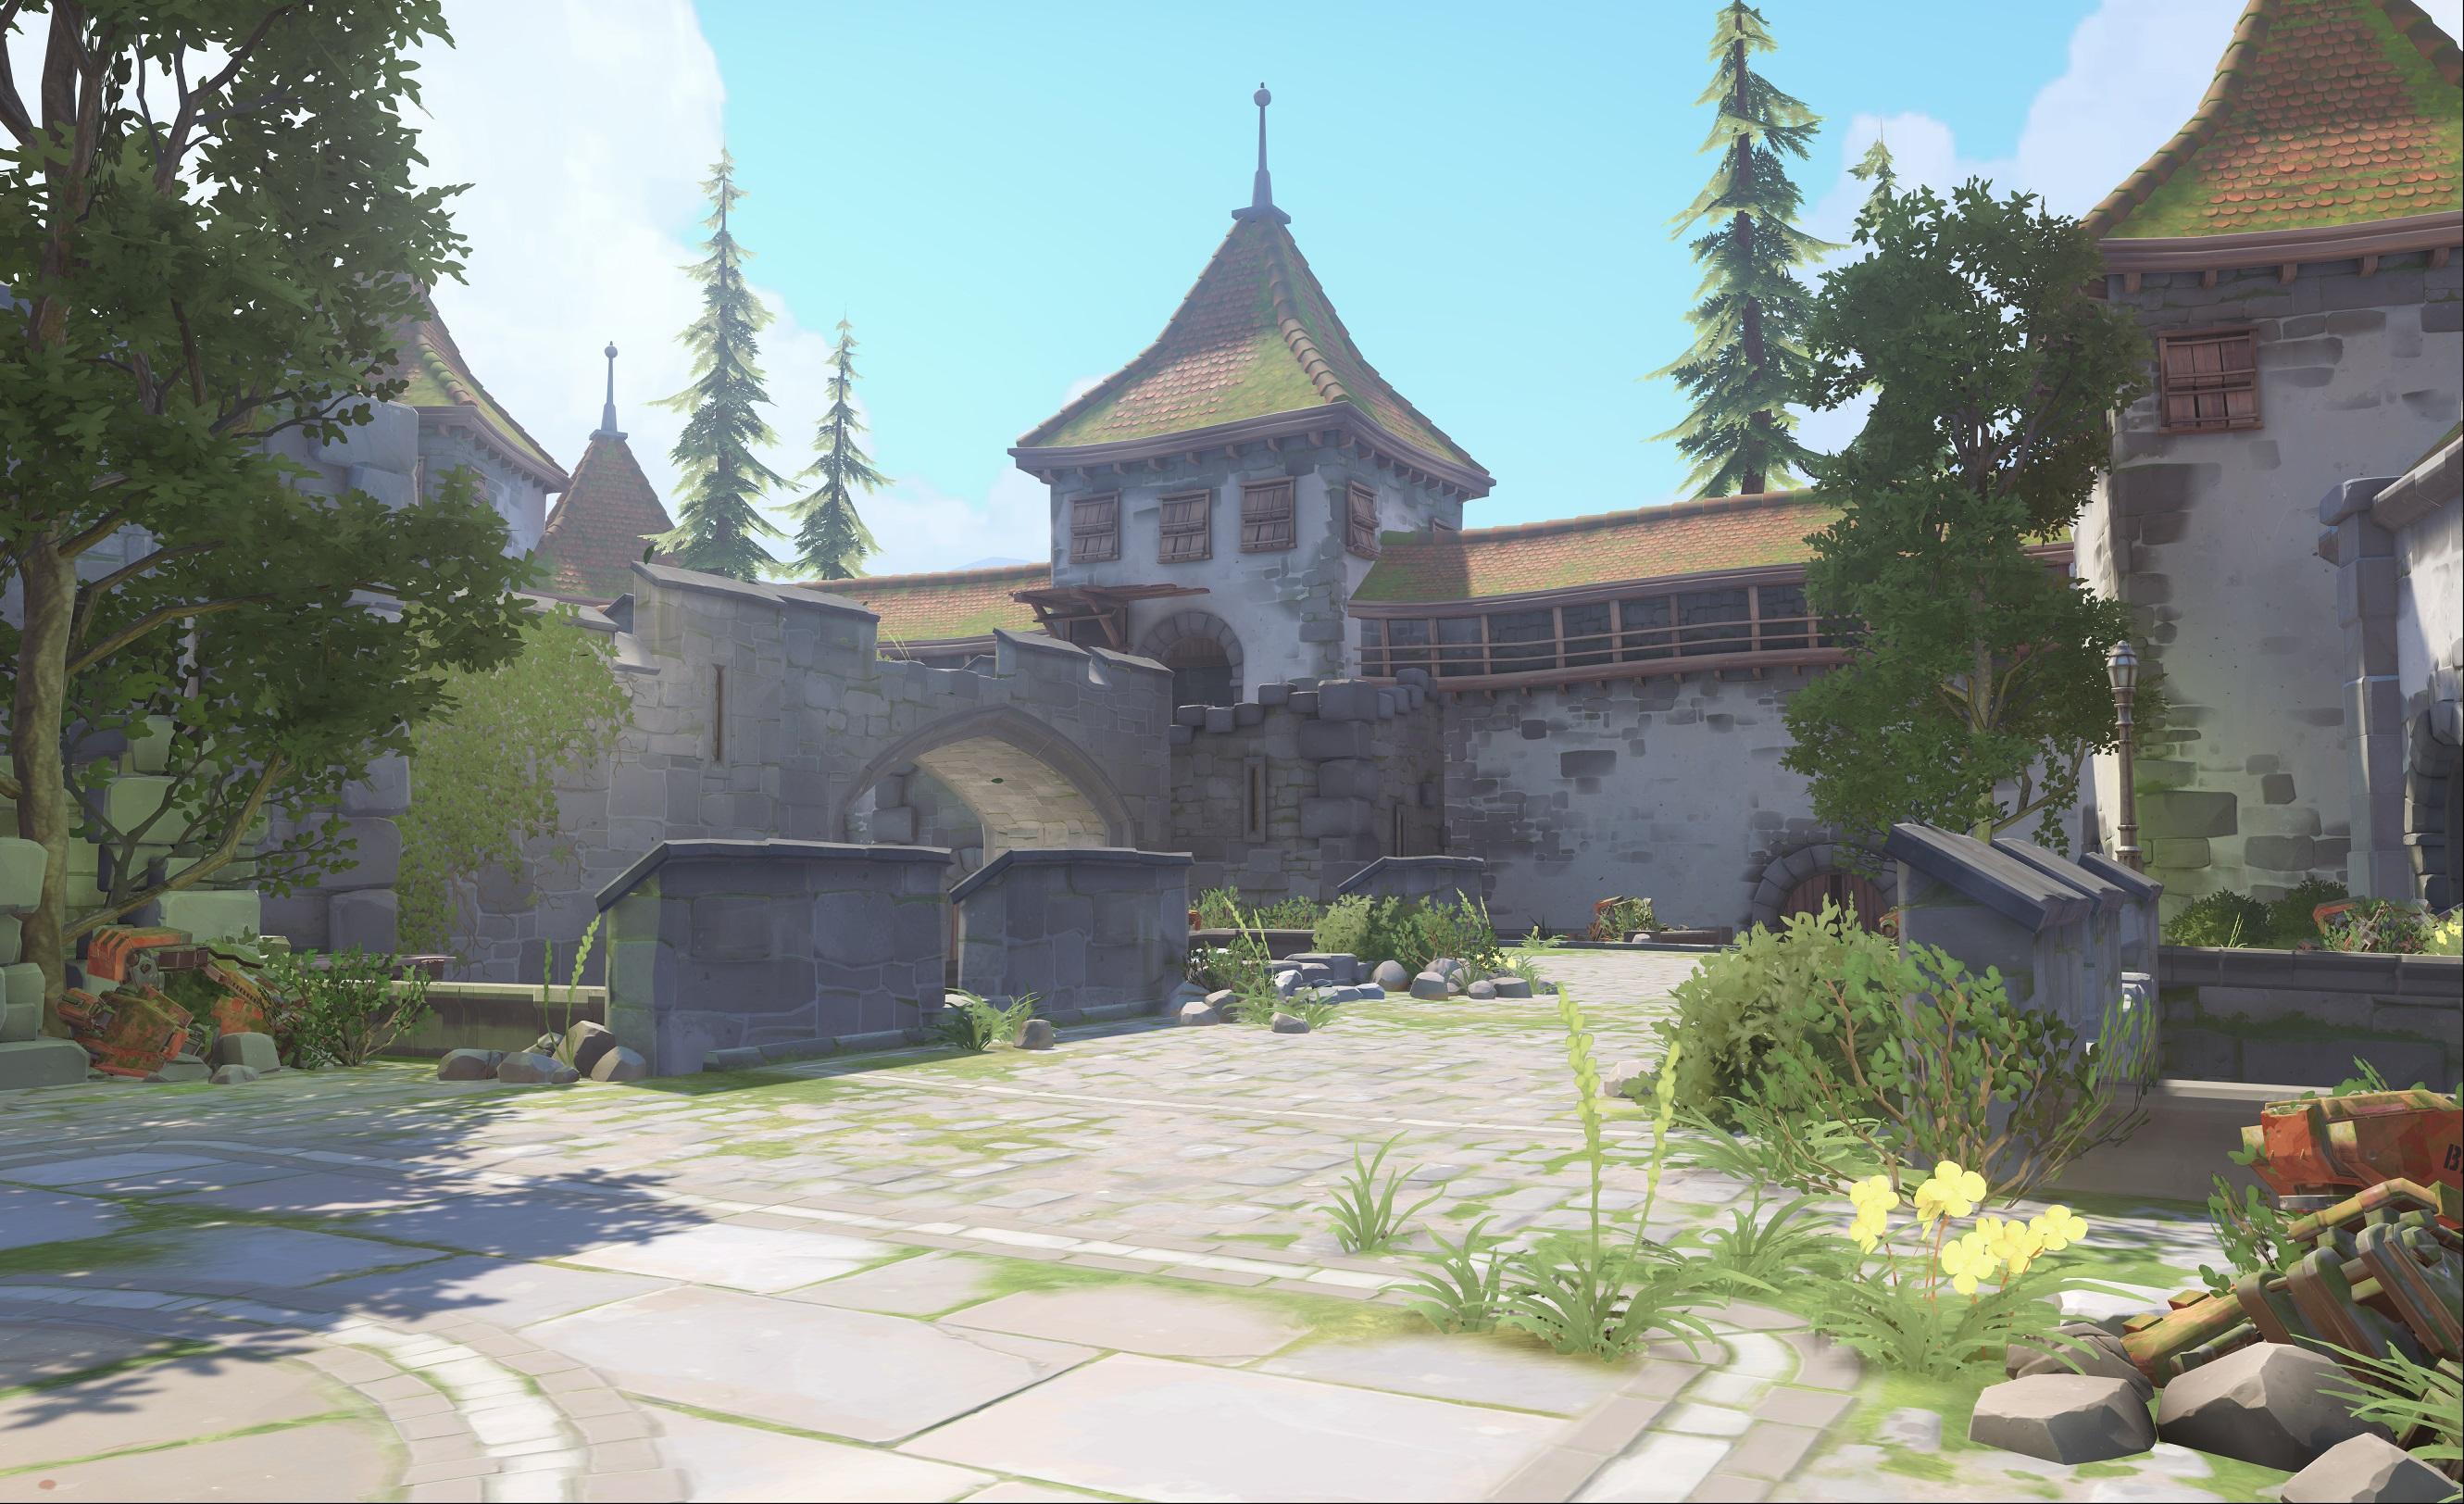 Nová mapa pro Overwatch nás zavede do hradu a přilehlého městečka v Německu 128678